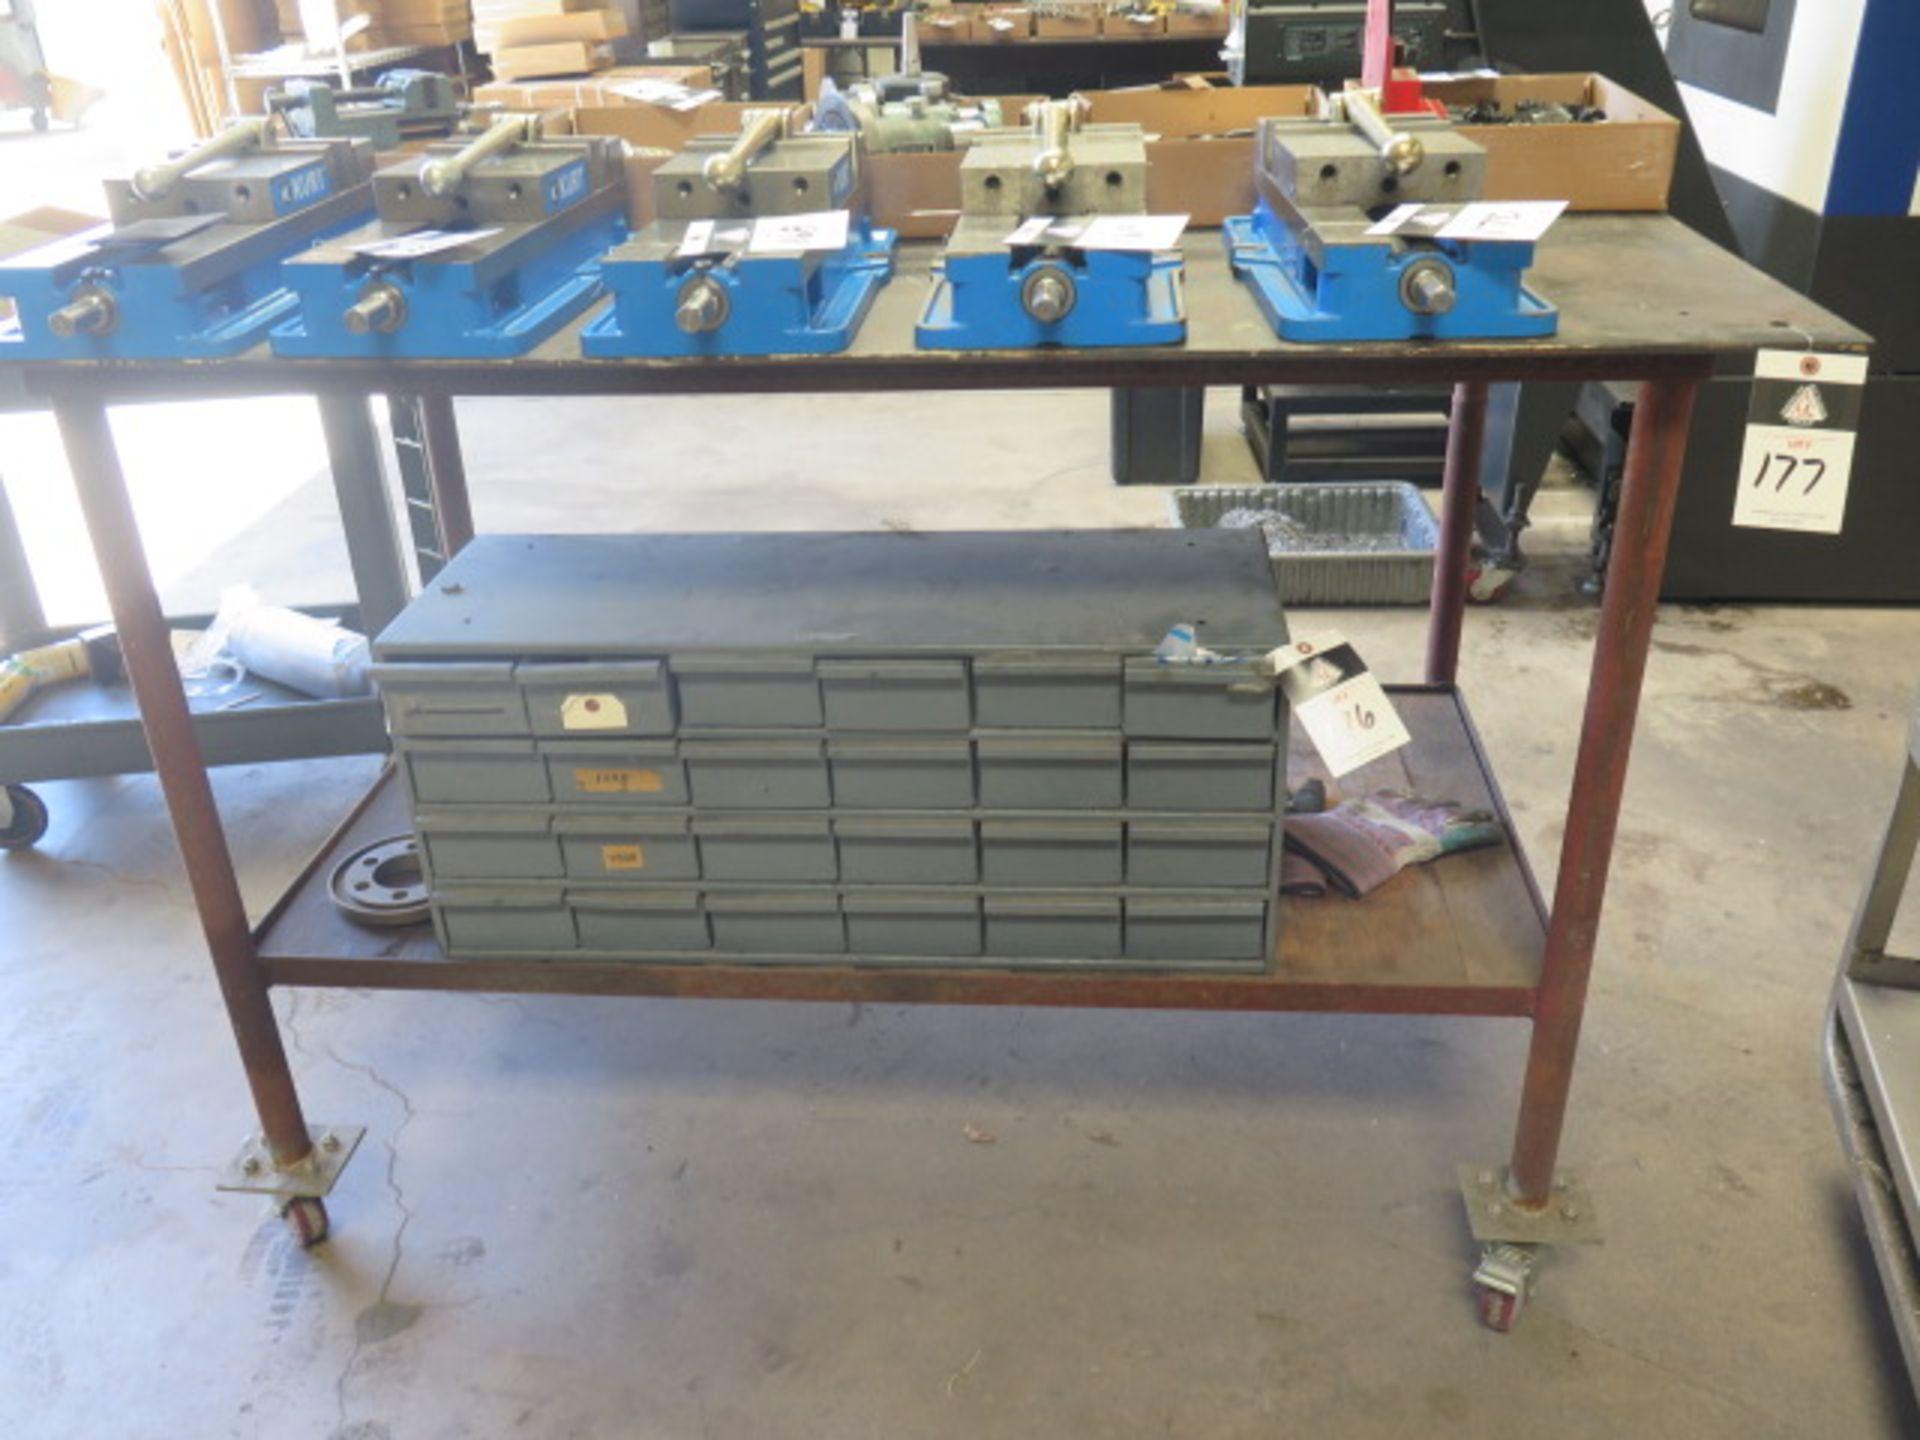 Rolling Steel Table (SOLD AS-IS - NO WARRANTY)